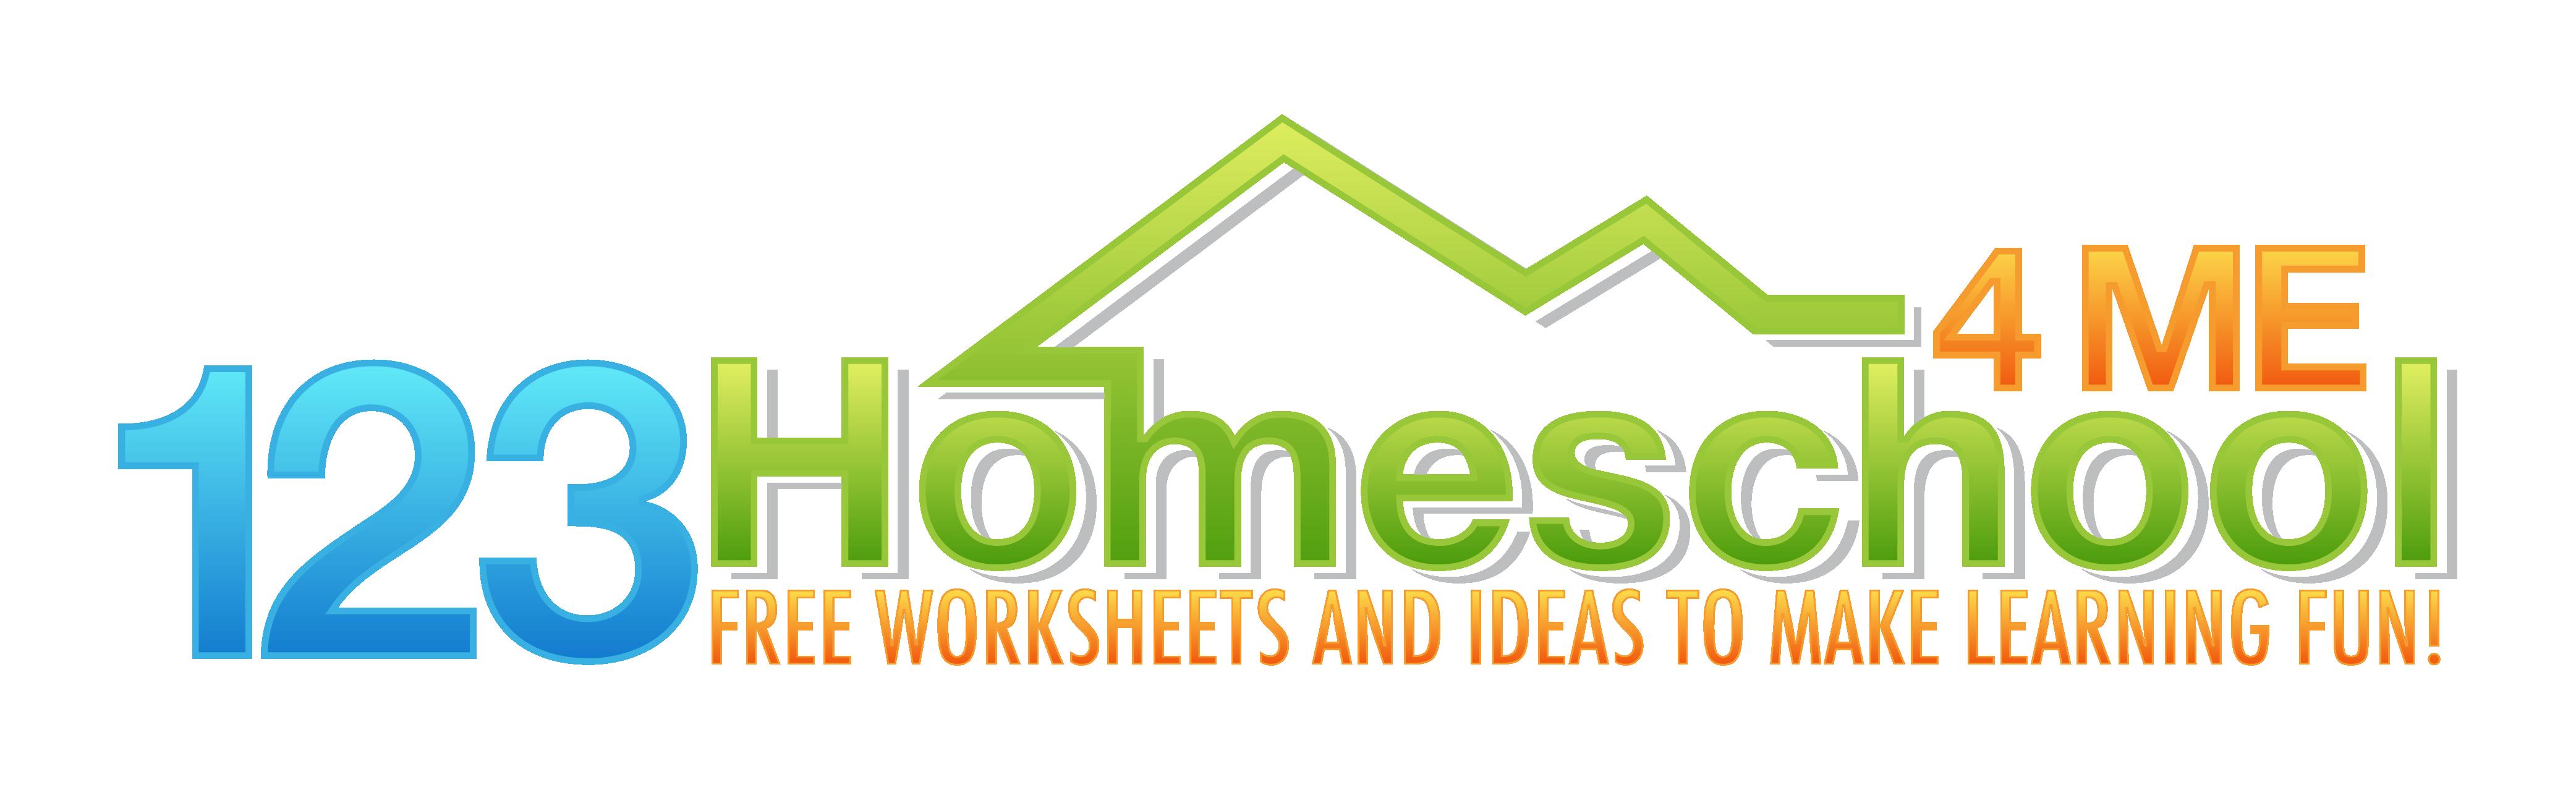 123 Homeschool 4 Me Free Worksheets Activities For K12